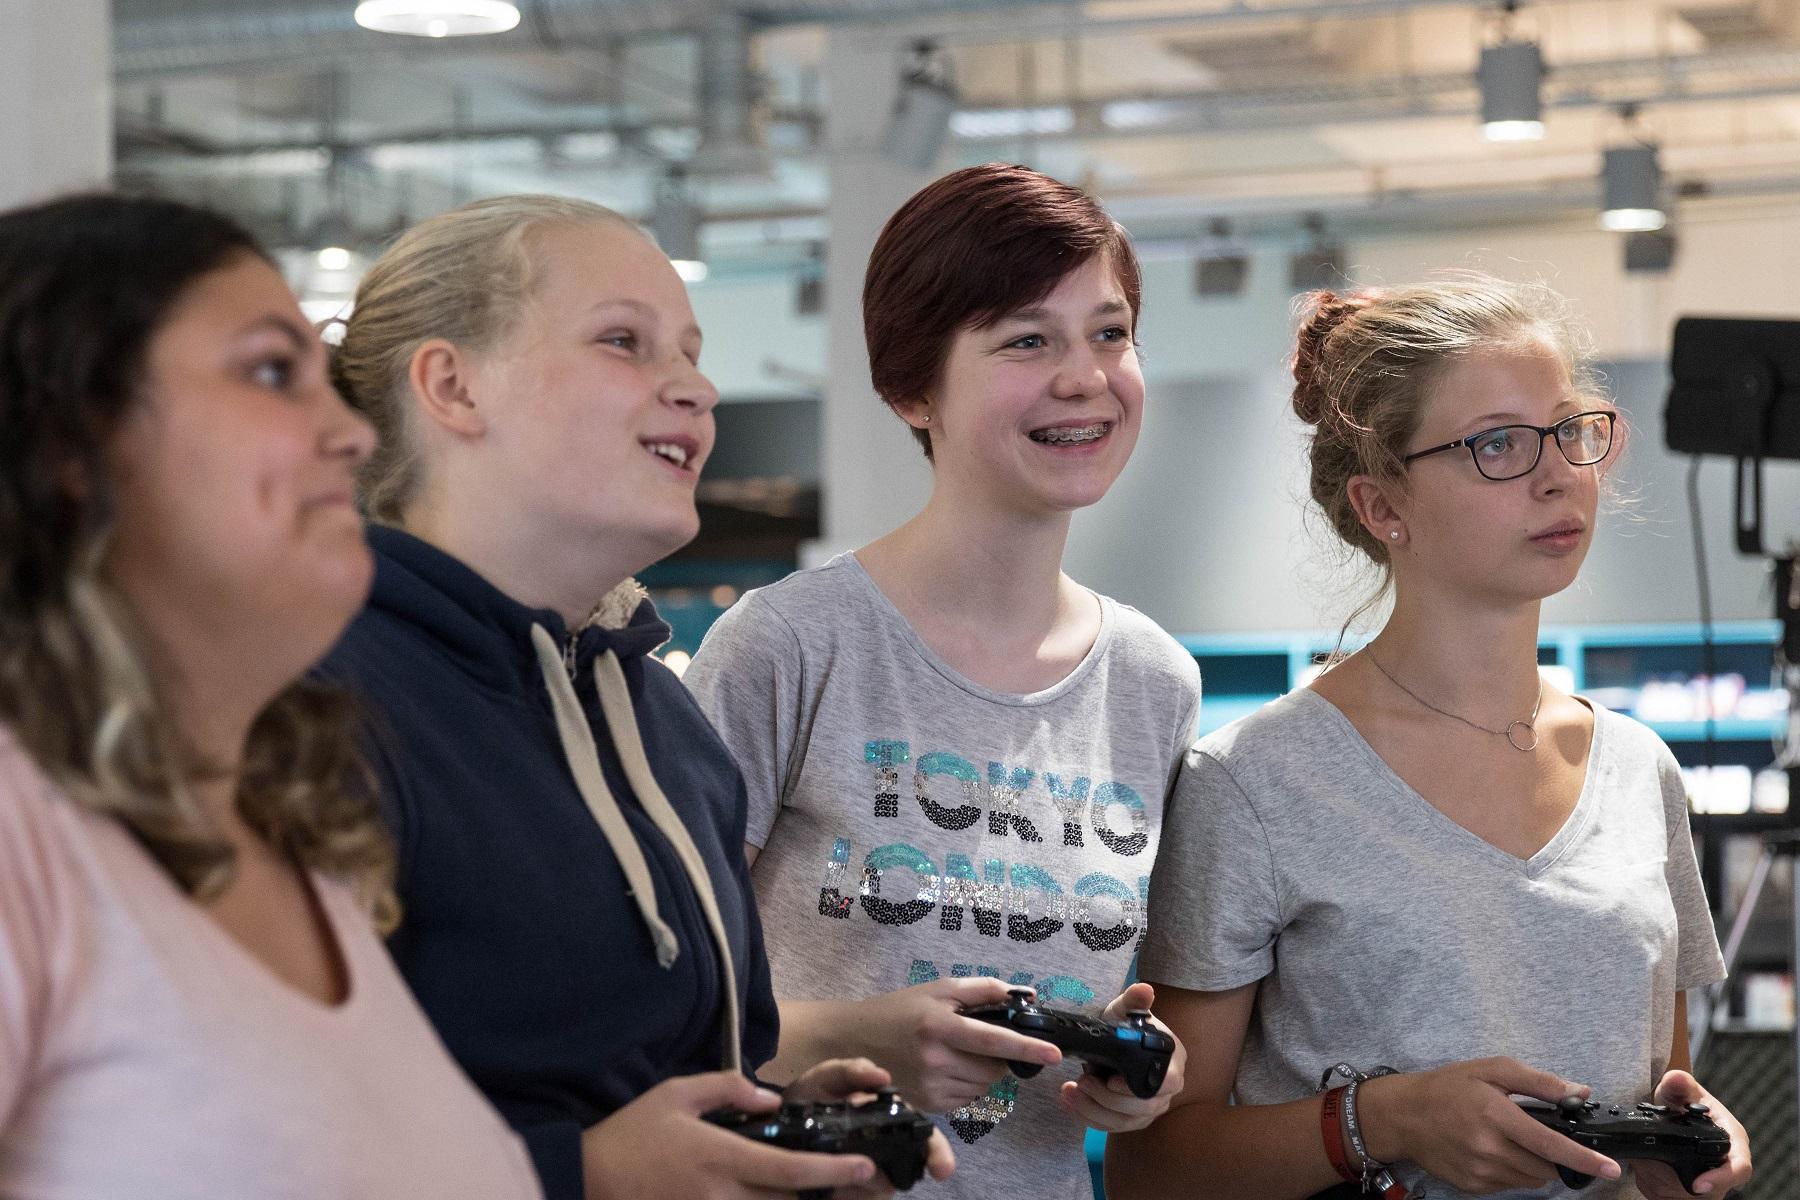 Computerspielschule2017_ClaudiaMeiners_Fotografie